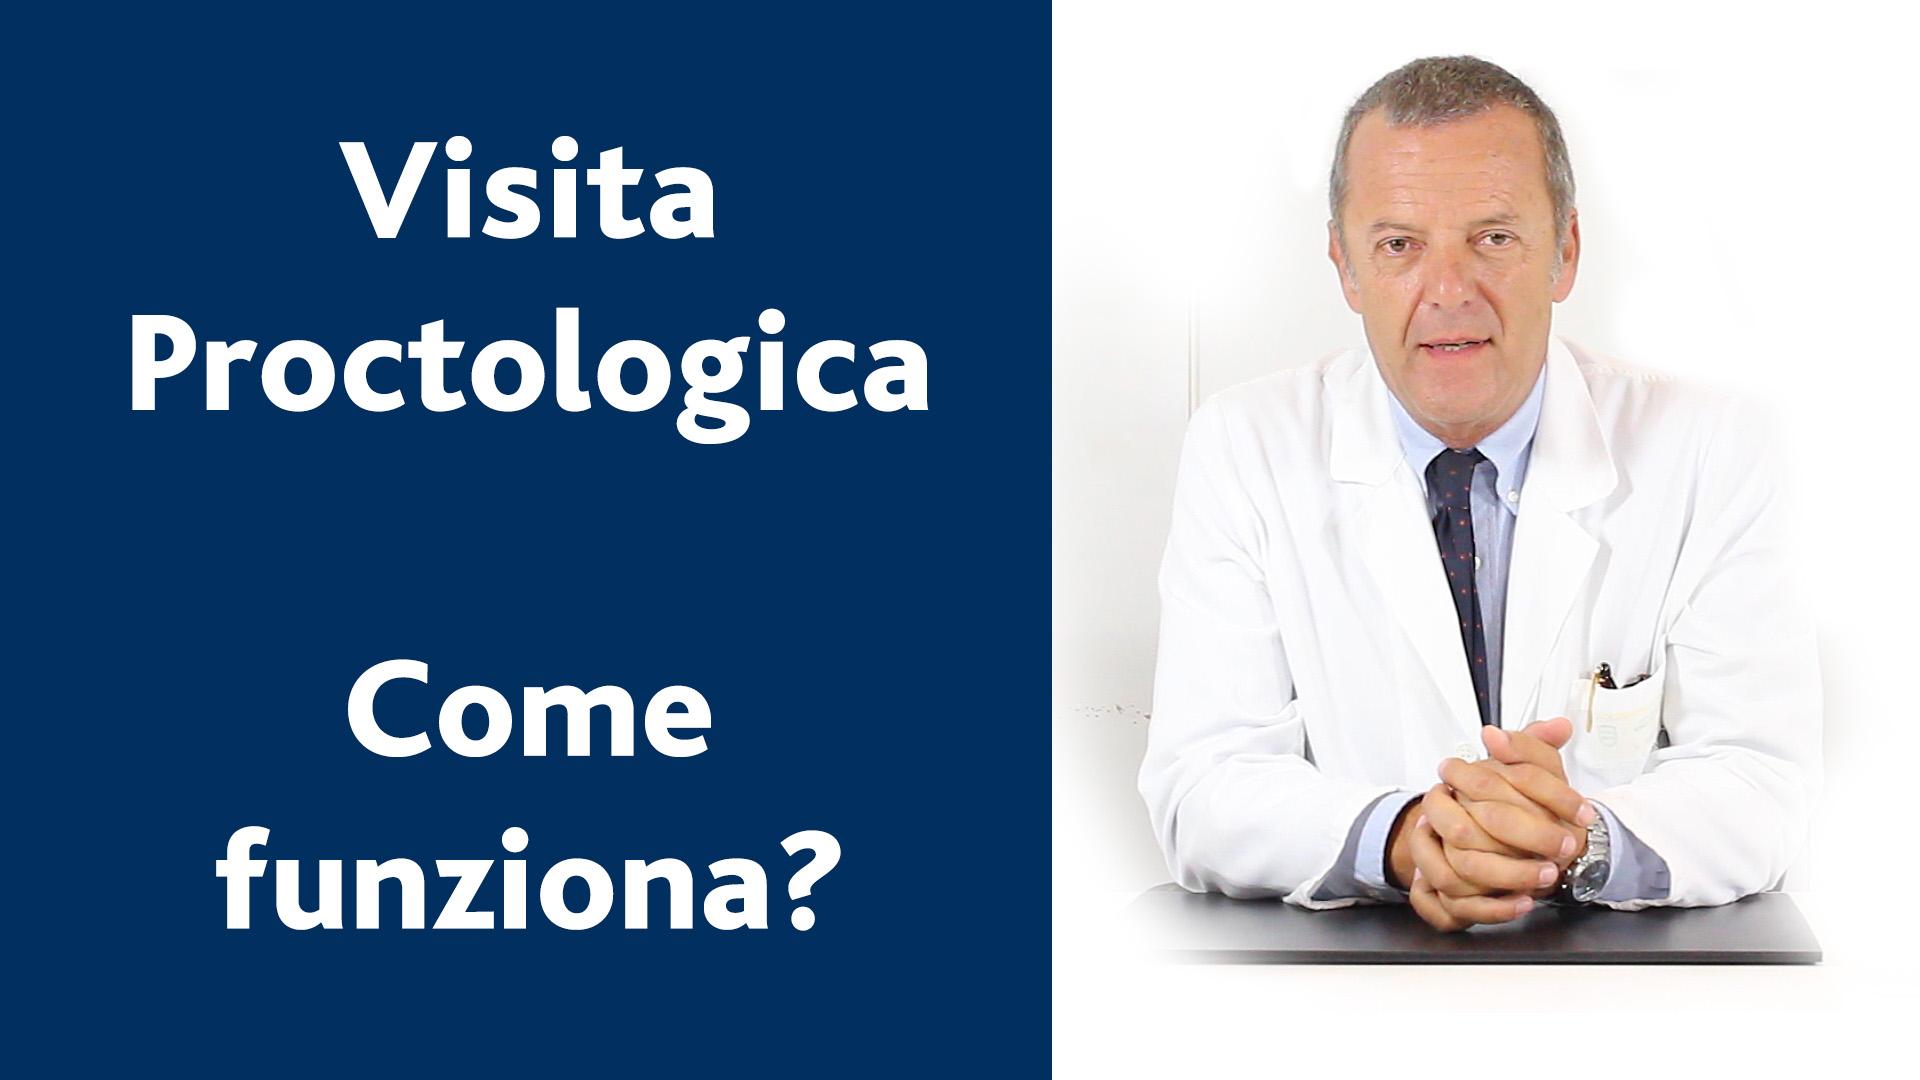 Come funziona una visita proctologica?